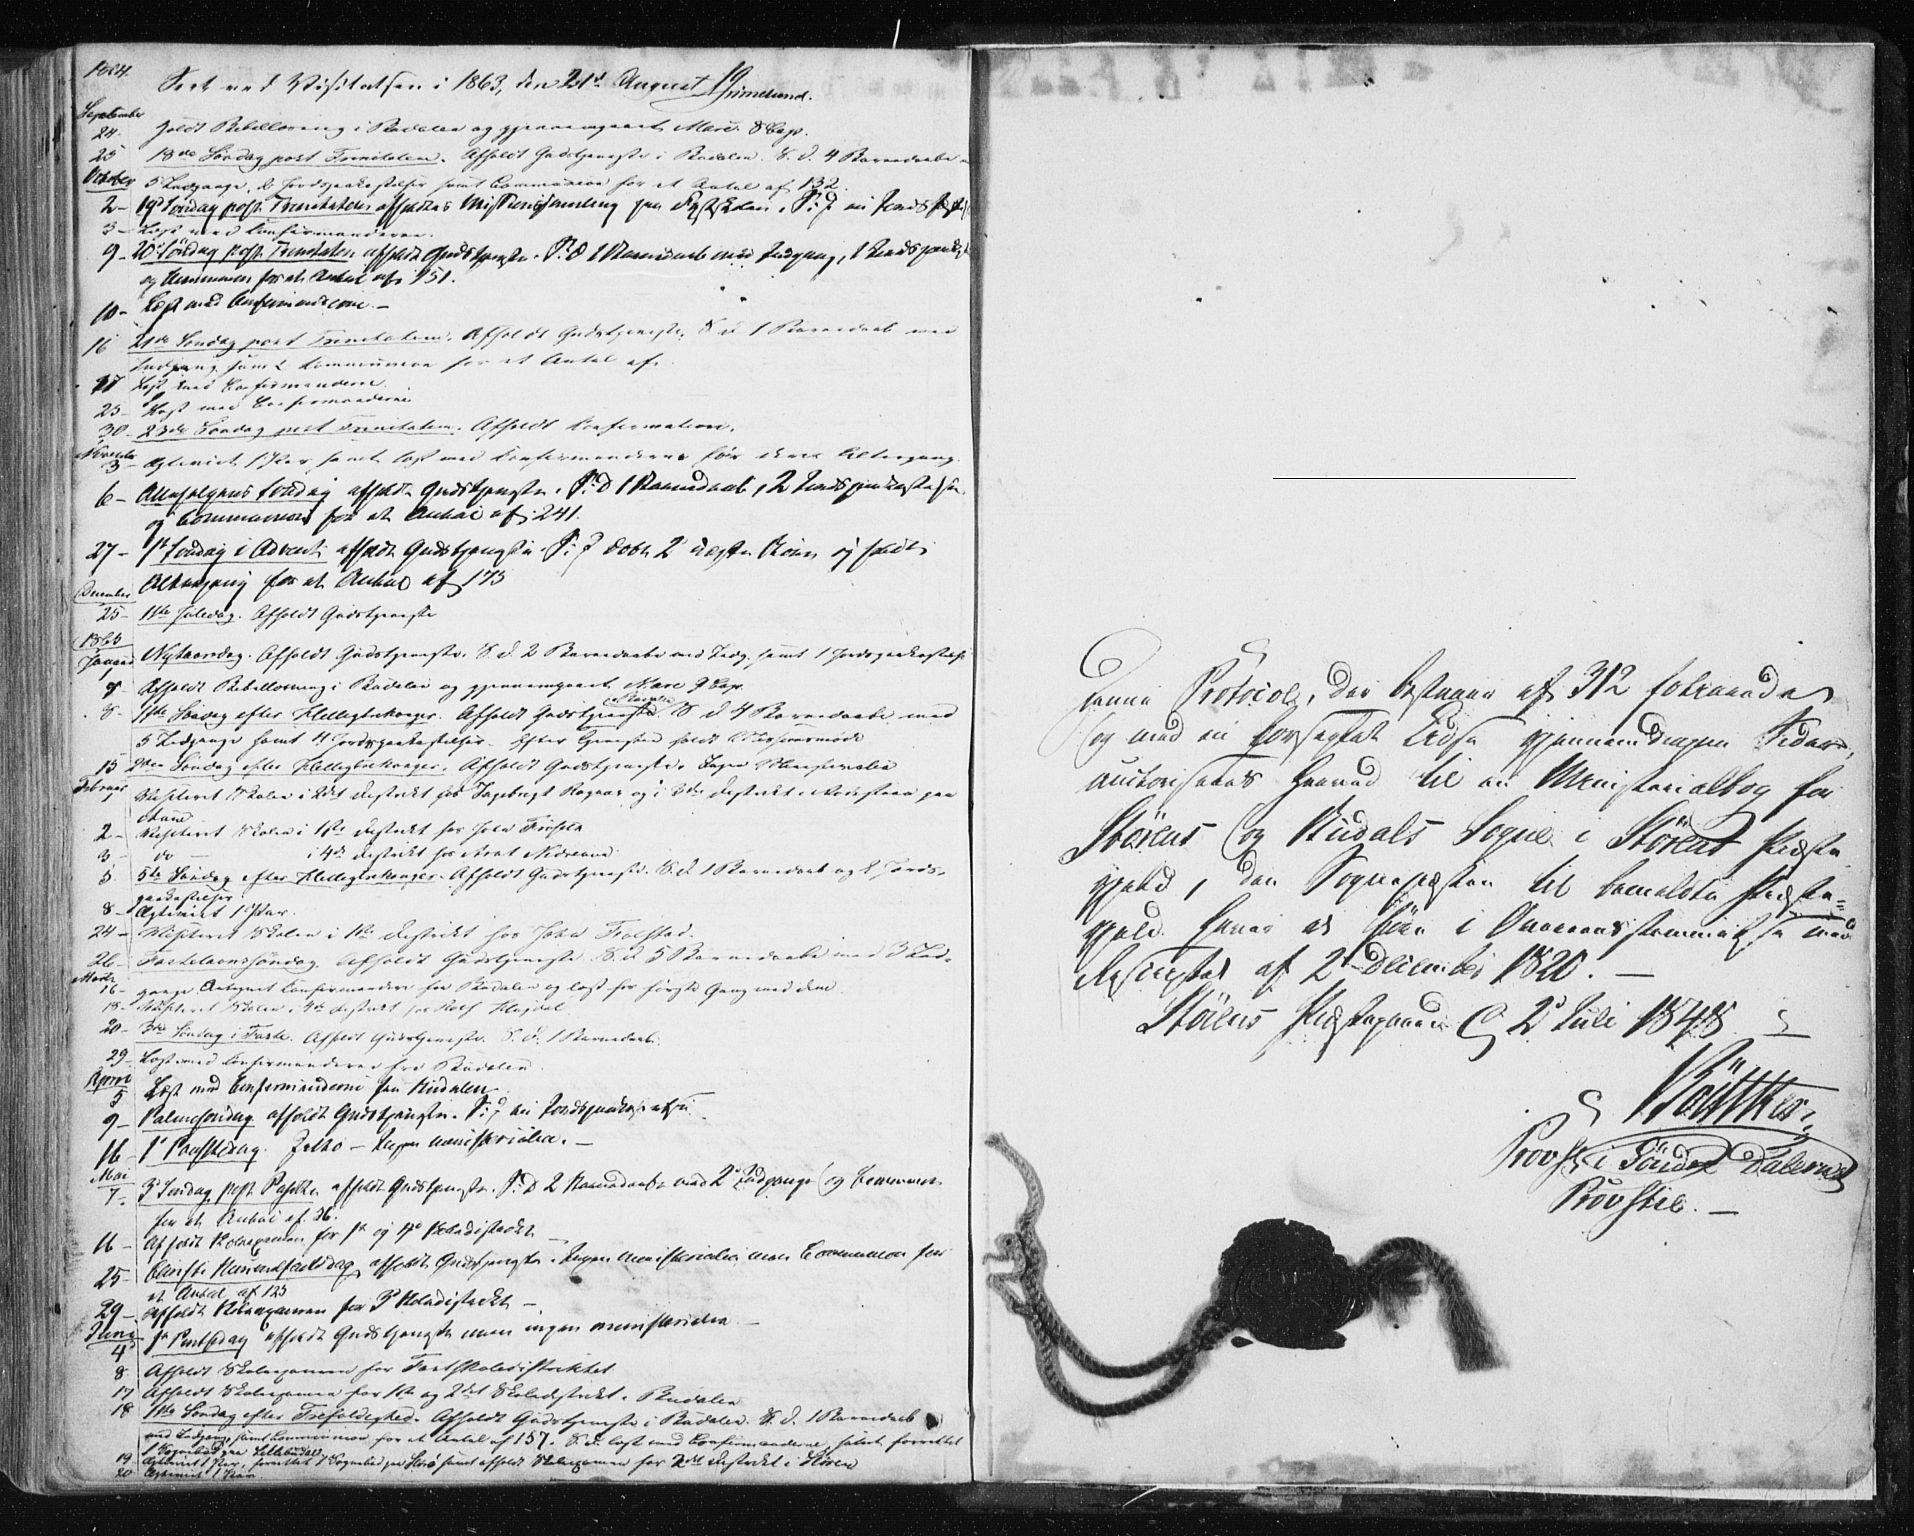 SAT, Ministerialprotokoller, klokkerbøker og fødselsregistre - Sør-Trøndelag, 687/L1000: Ministerialbok nr. 687A06, 1848-1869, s. 312b